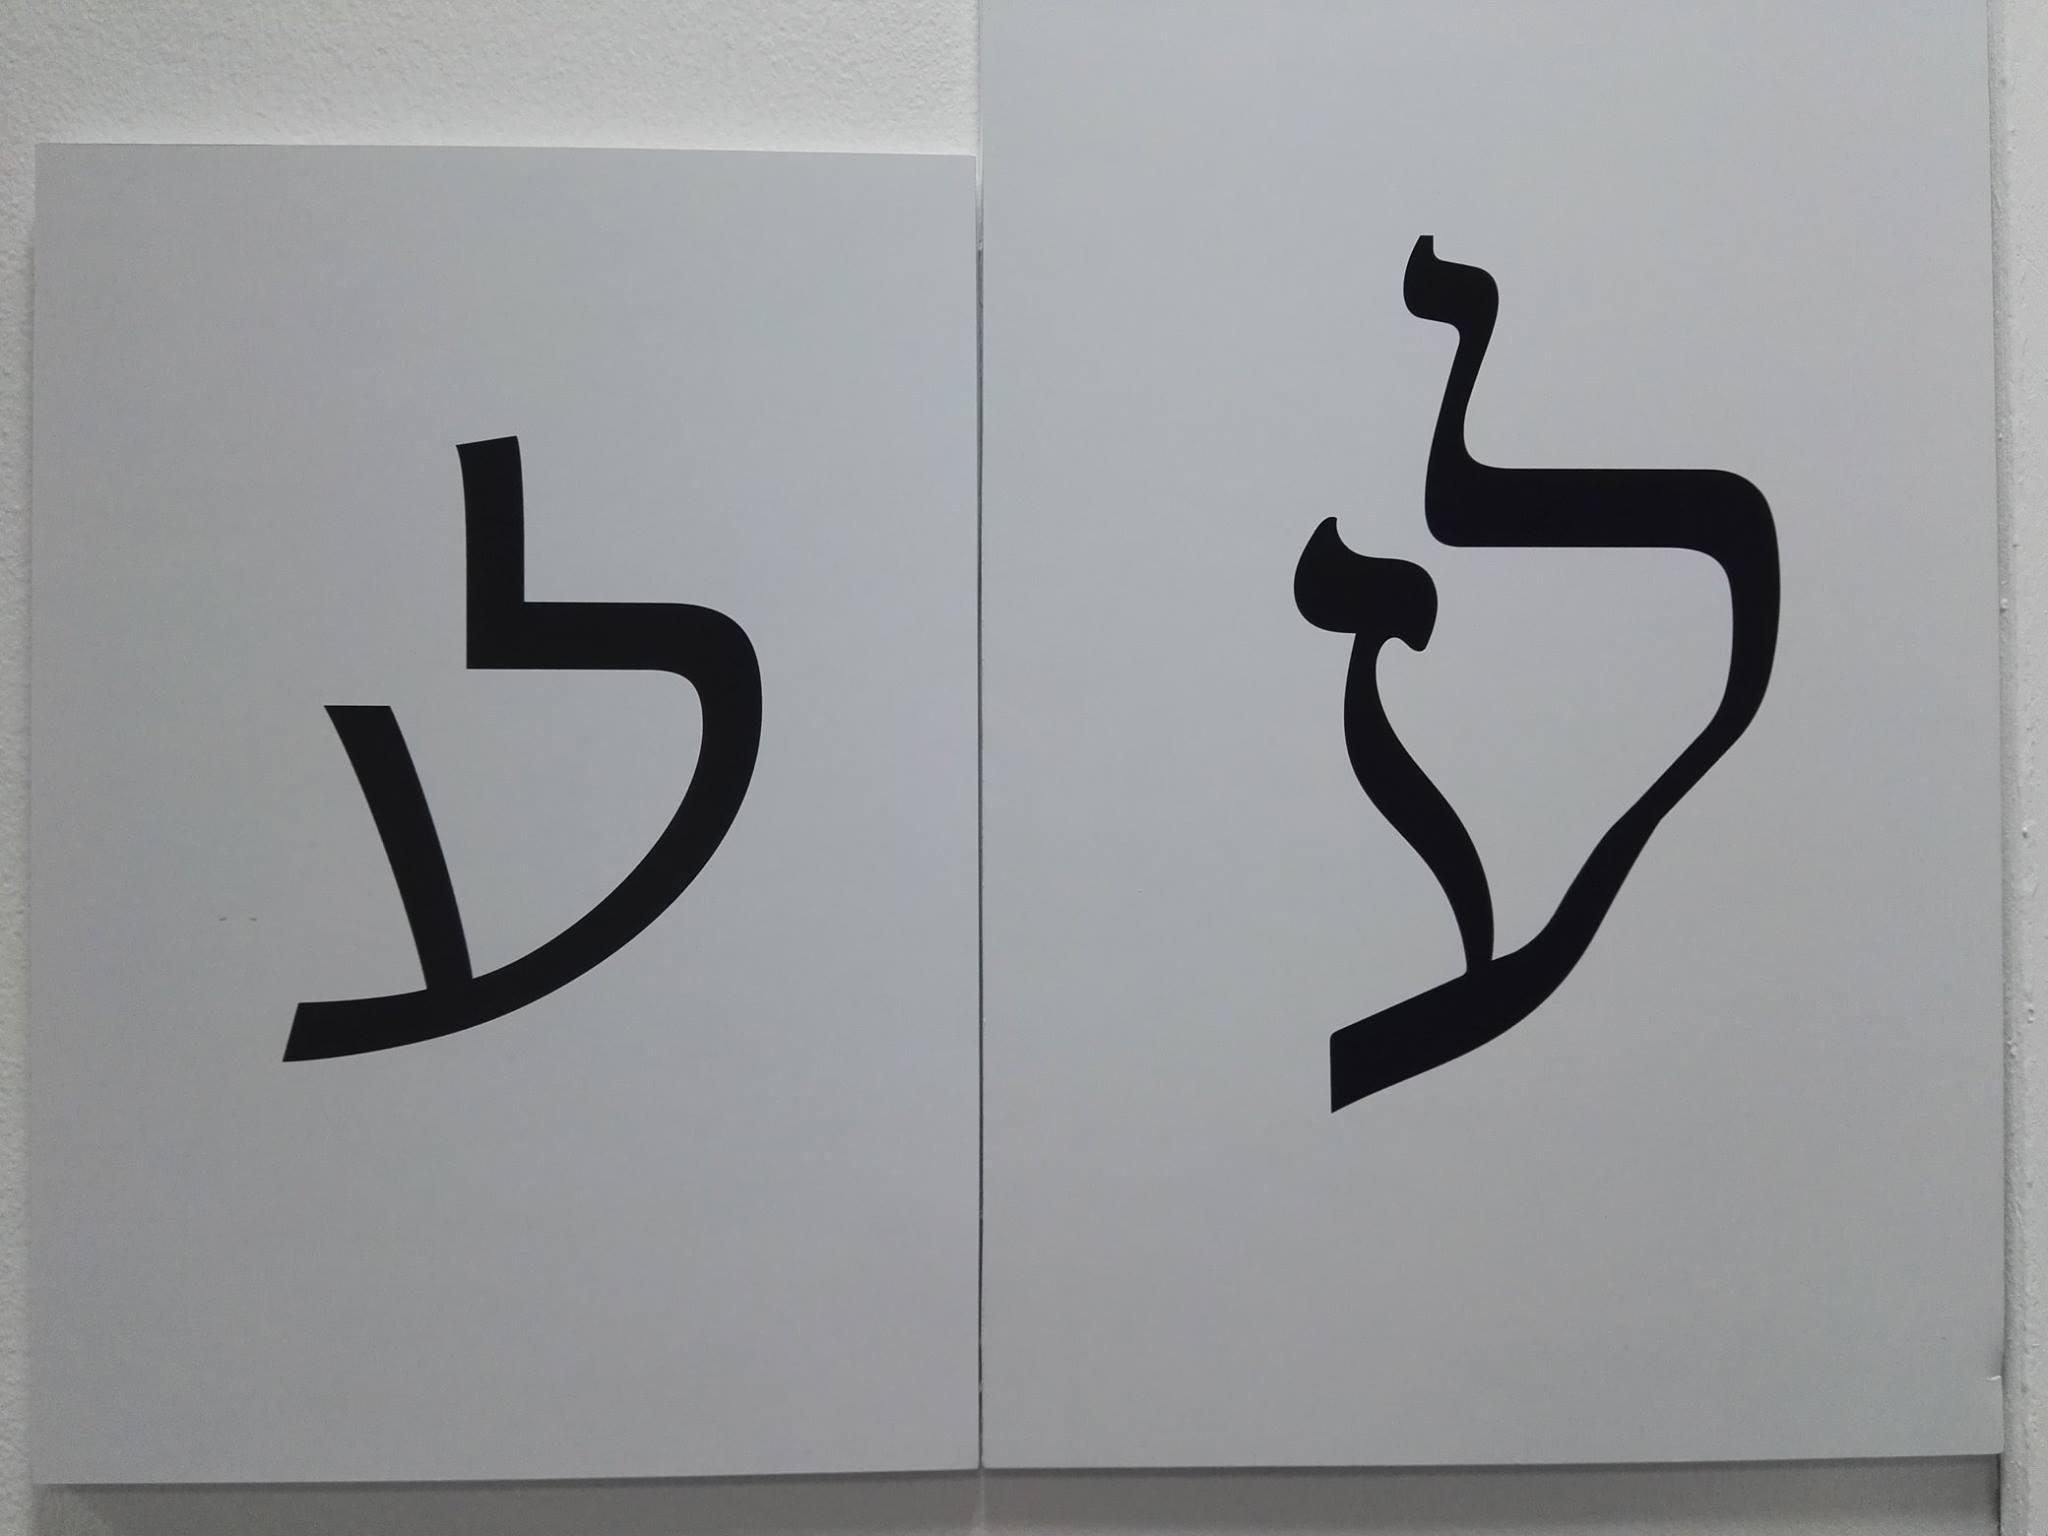 סטודנטים מציגים סימן עברי חדש בשיעור טיפוגרפיה - מסלול הנדסאי מדיה שנקר הנדסאים